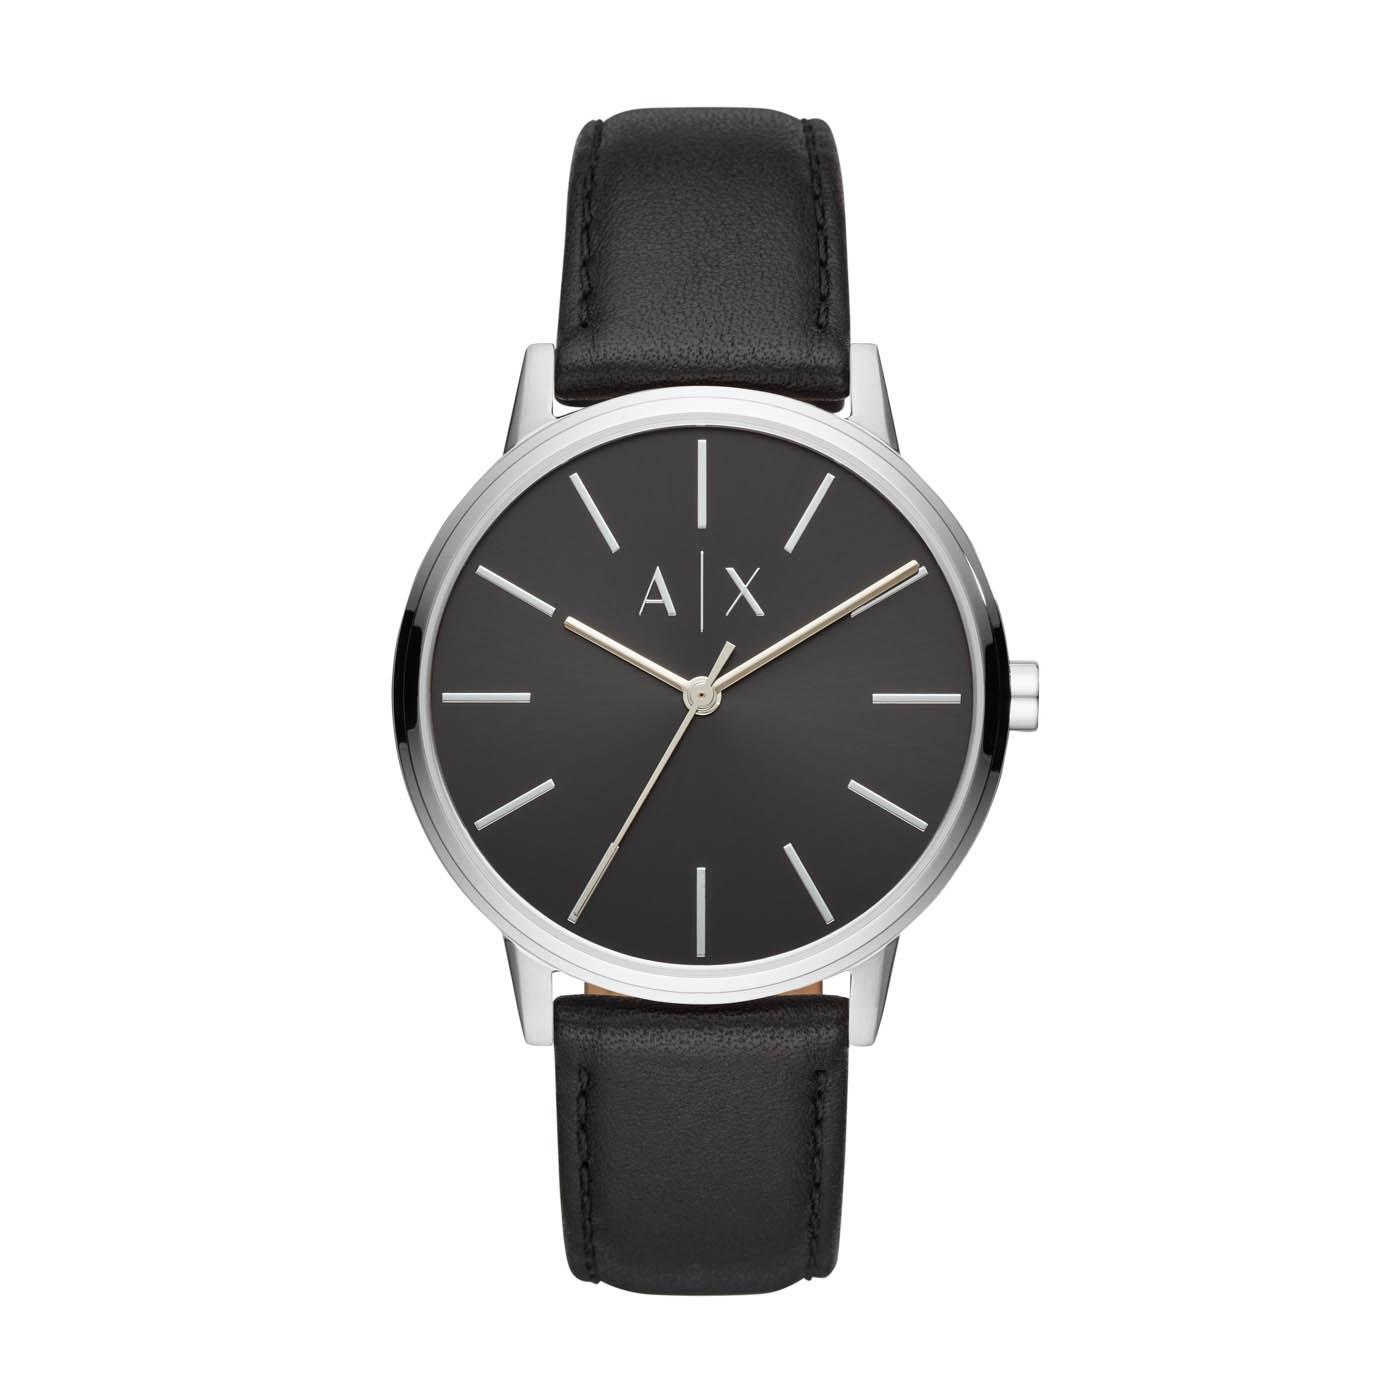 Afbeelding van Armani Exchange Cayde horloge AX2703